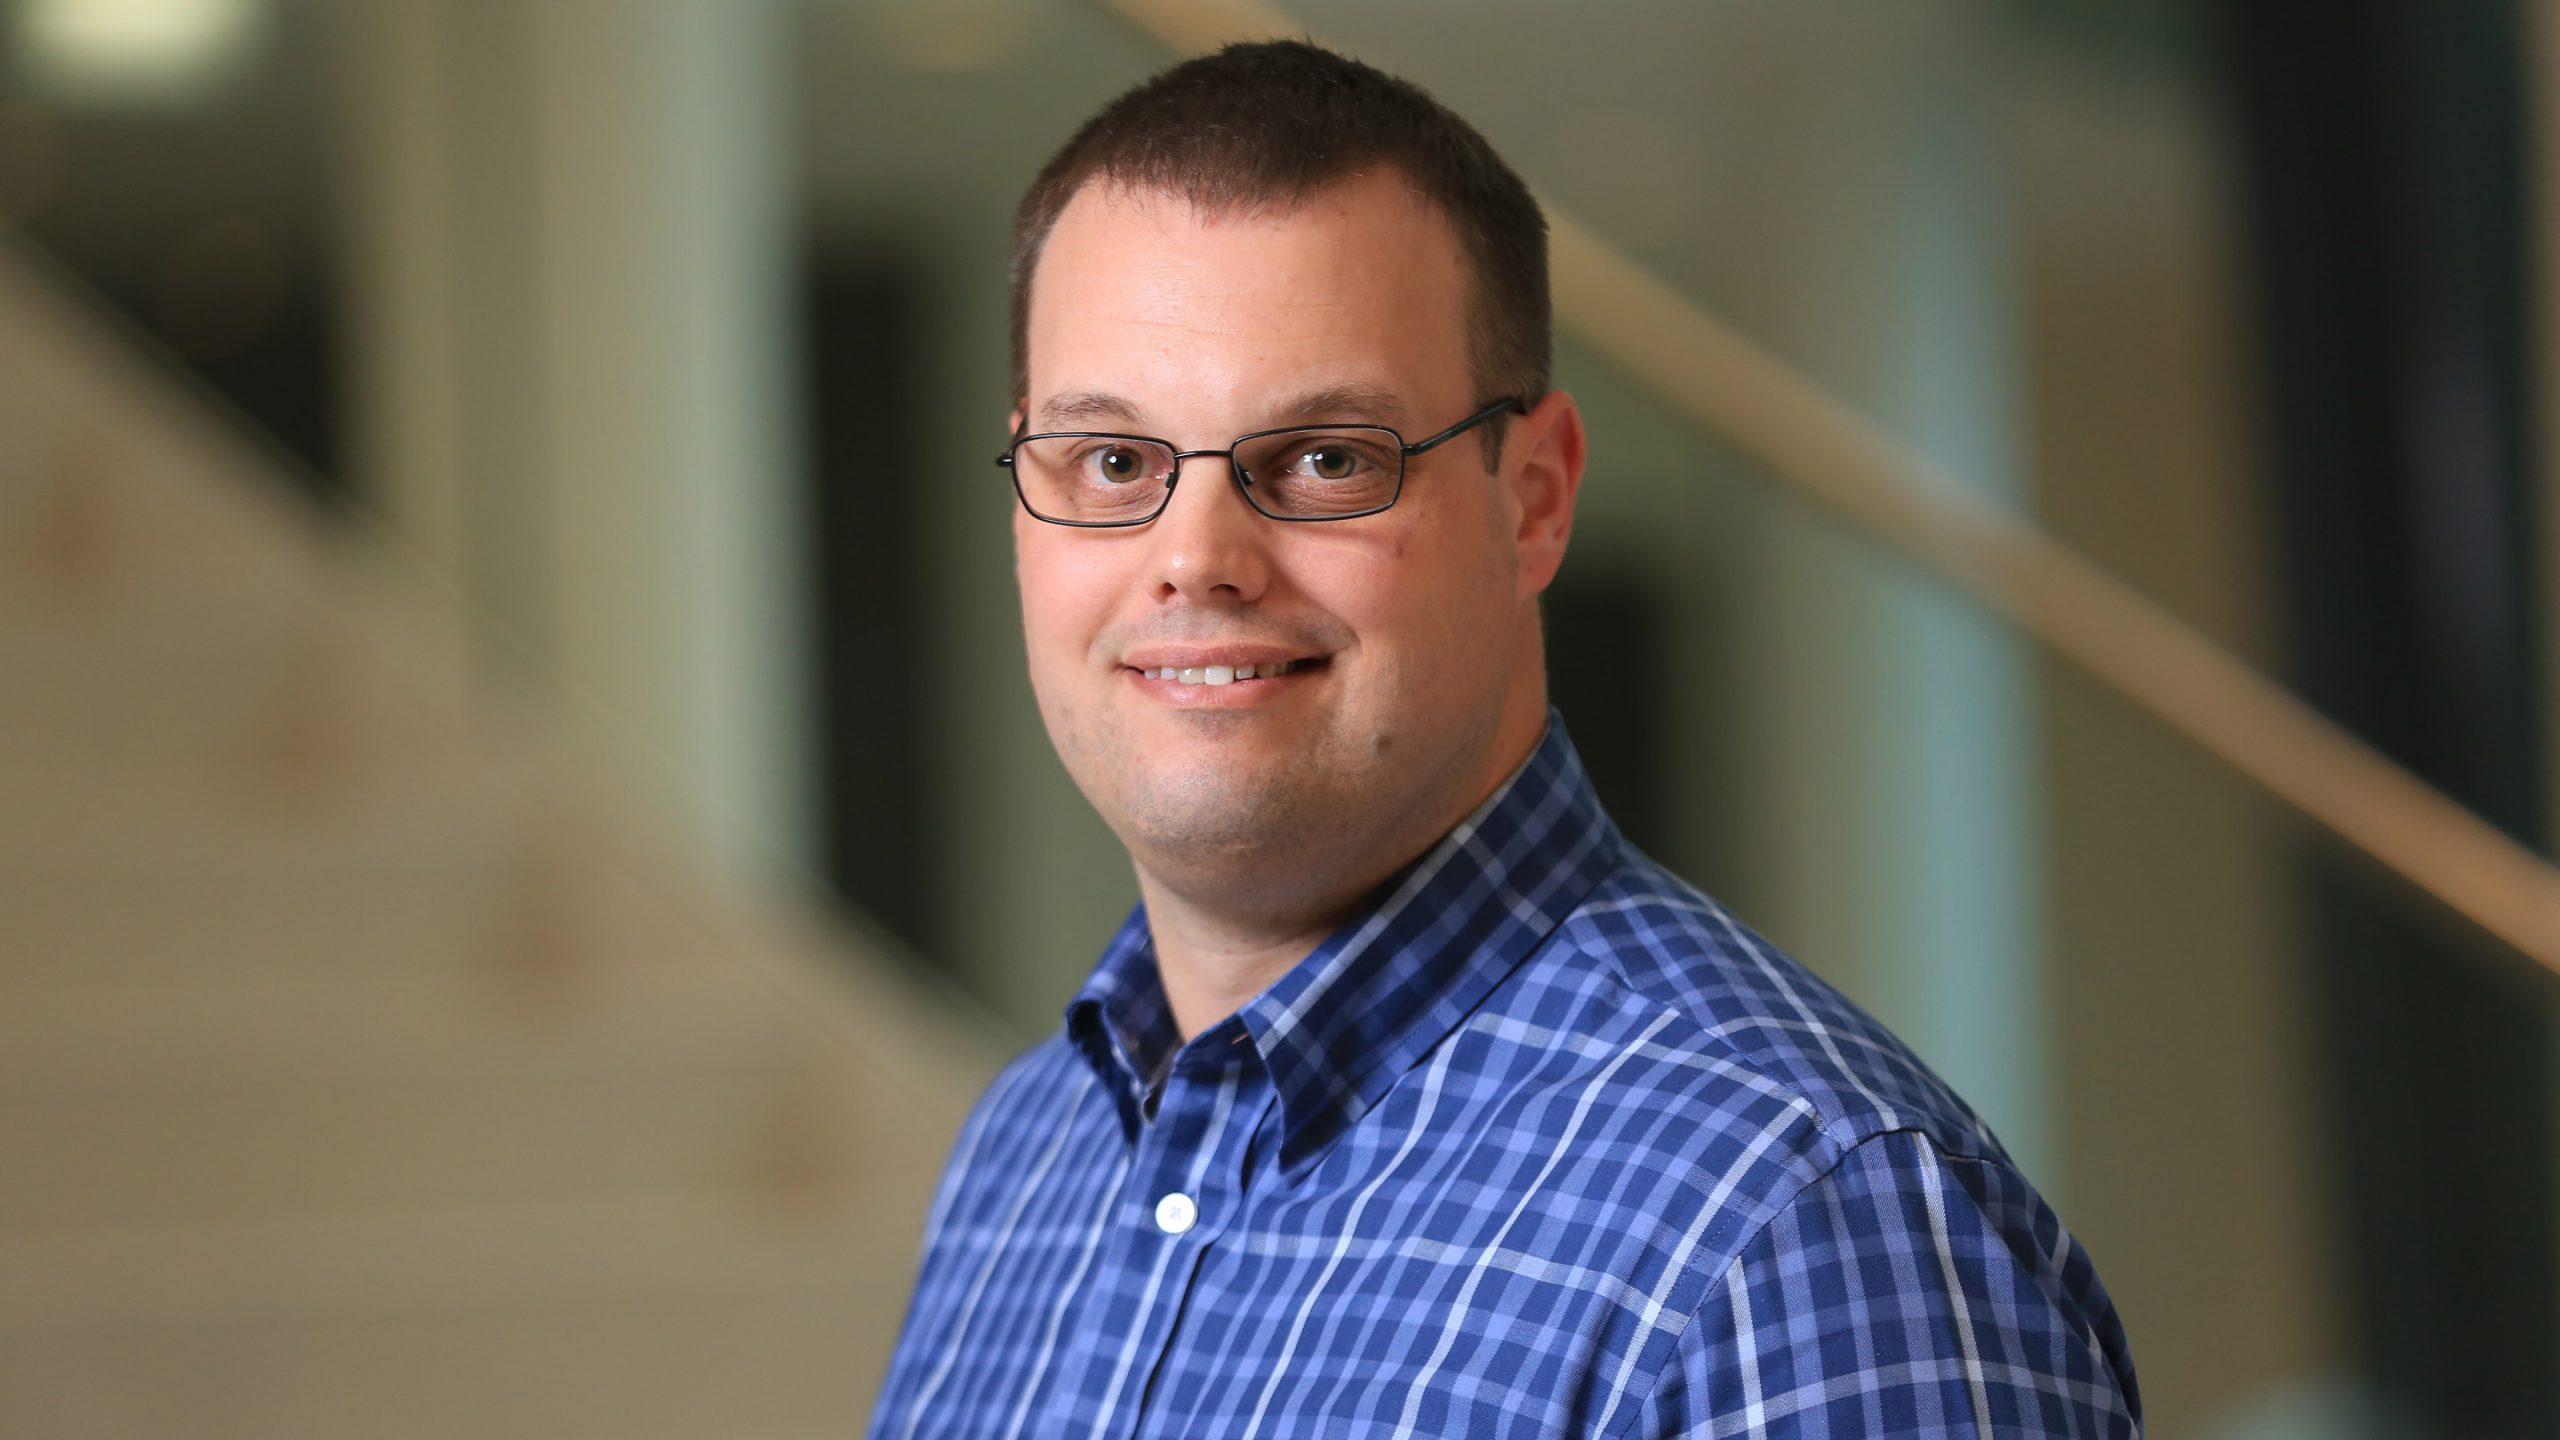 Sander Rotmensen, Head of Product Management Industrial Wireless & Security Components bei Siemens. (Bild: Siemens AG)